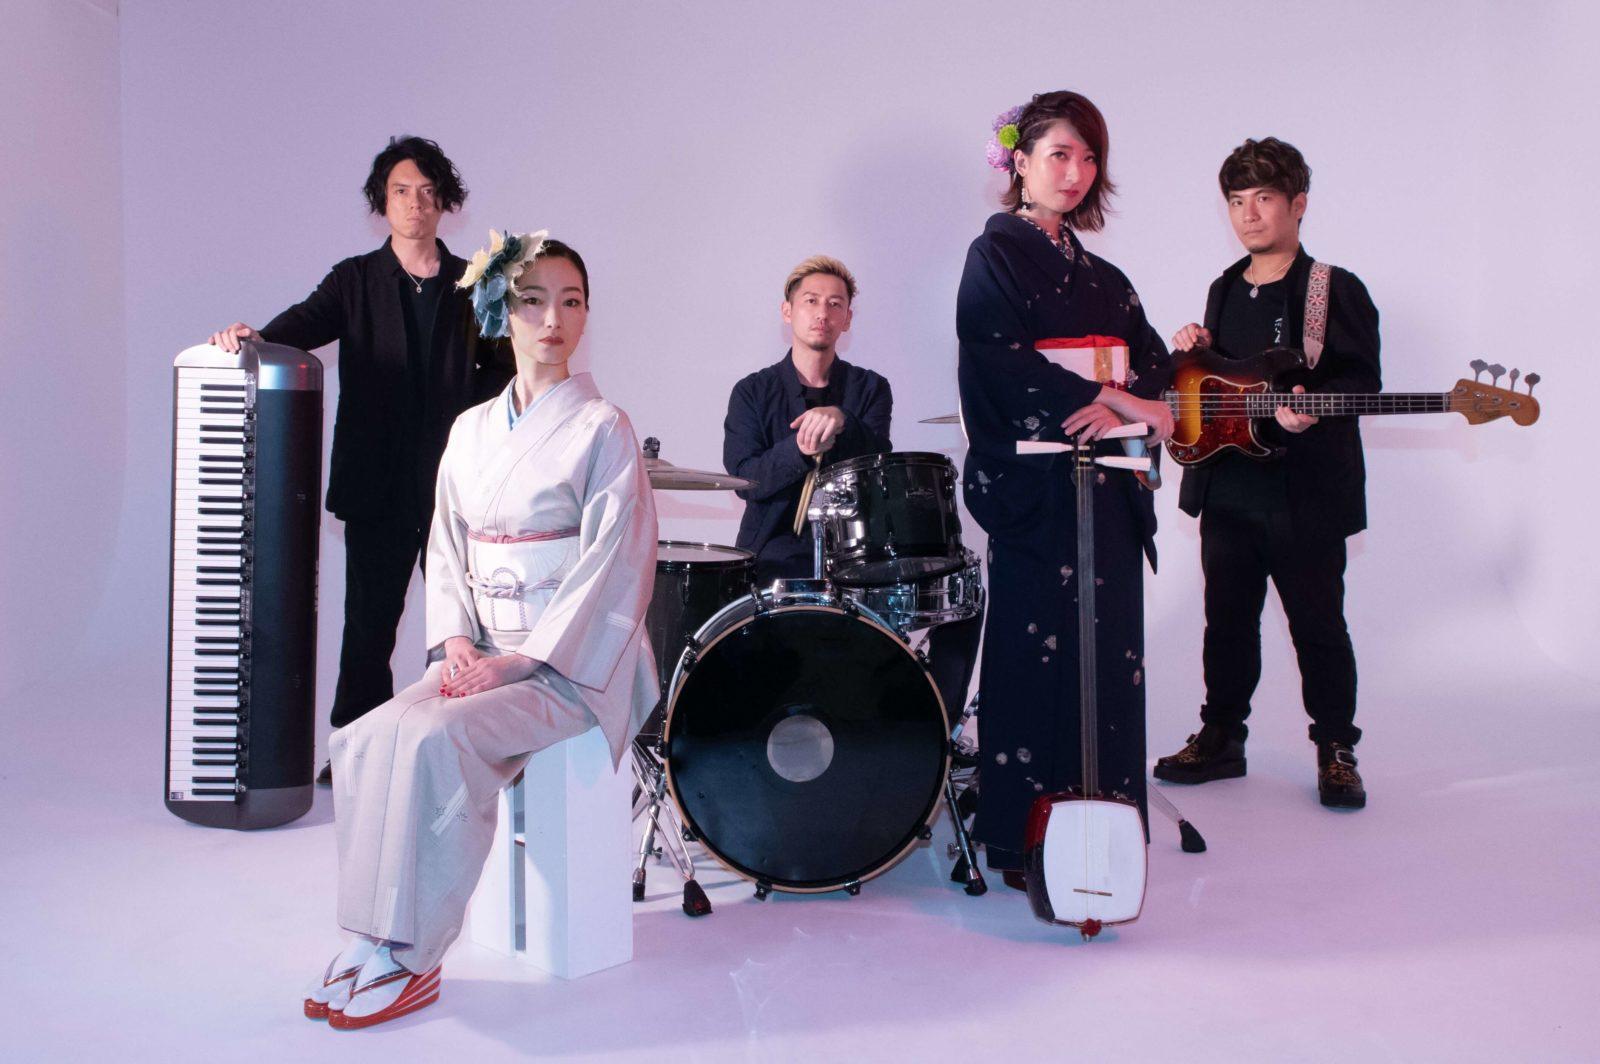 日本ジャズ界にペリー来襲!「黒船」いよいよメジャーデビュー決定サムネイル画像